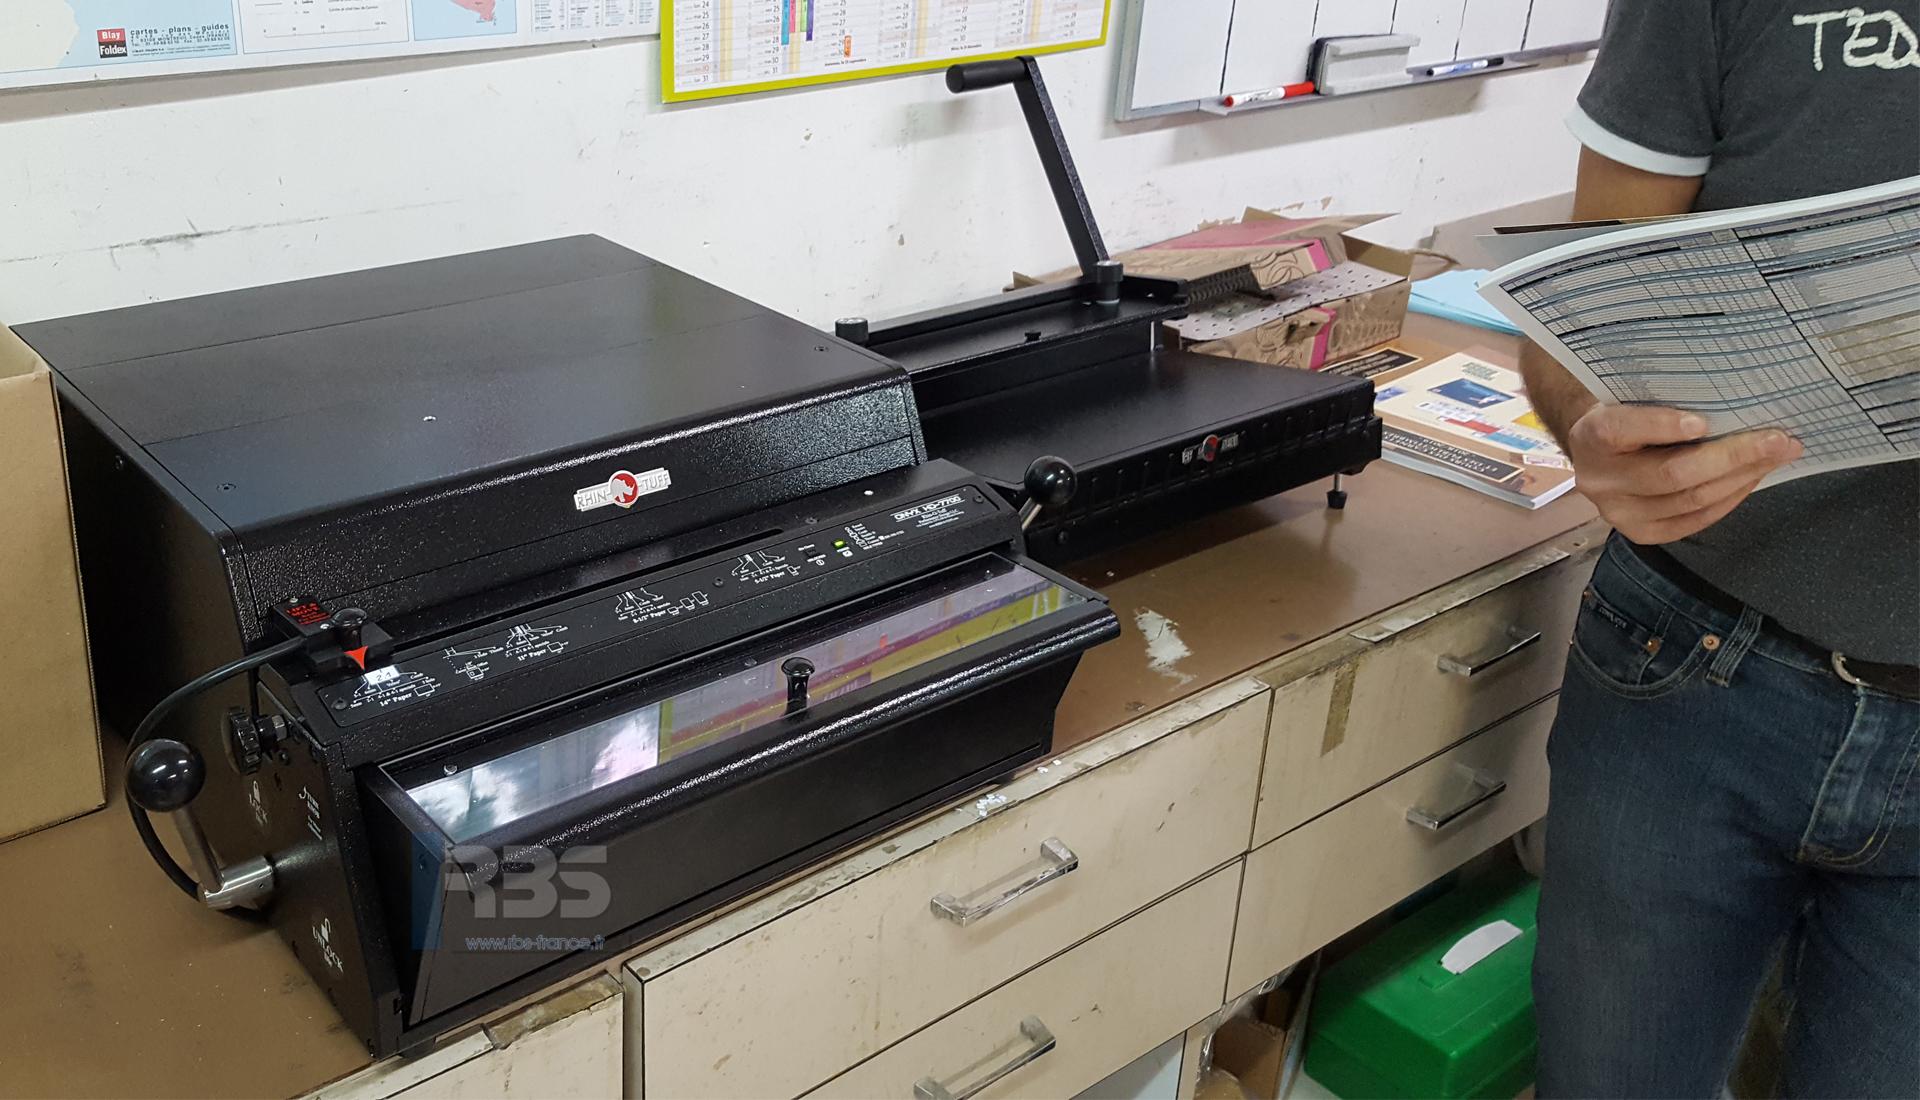 Reliure Semi Automatique Avec Module Onyx Hd7700 Ultima Et Hd8000 En Atelier De Reprographie